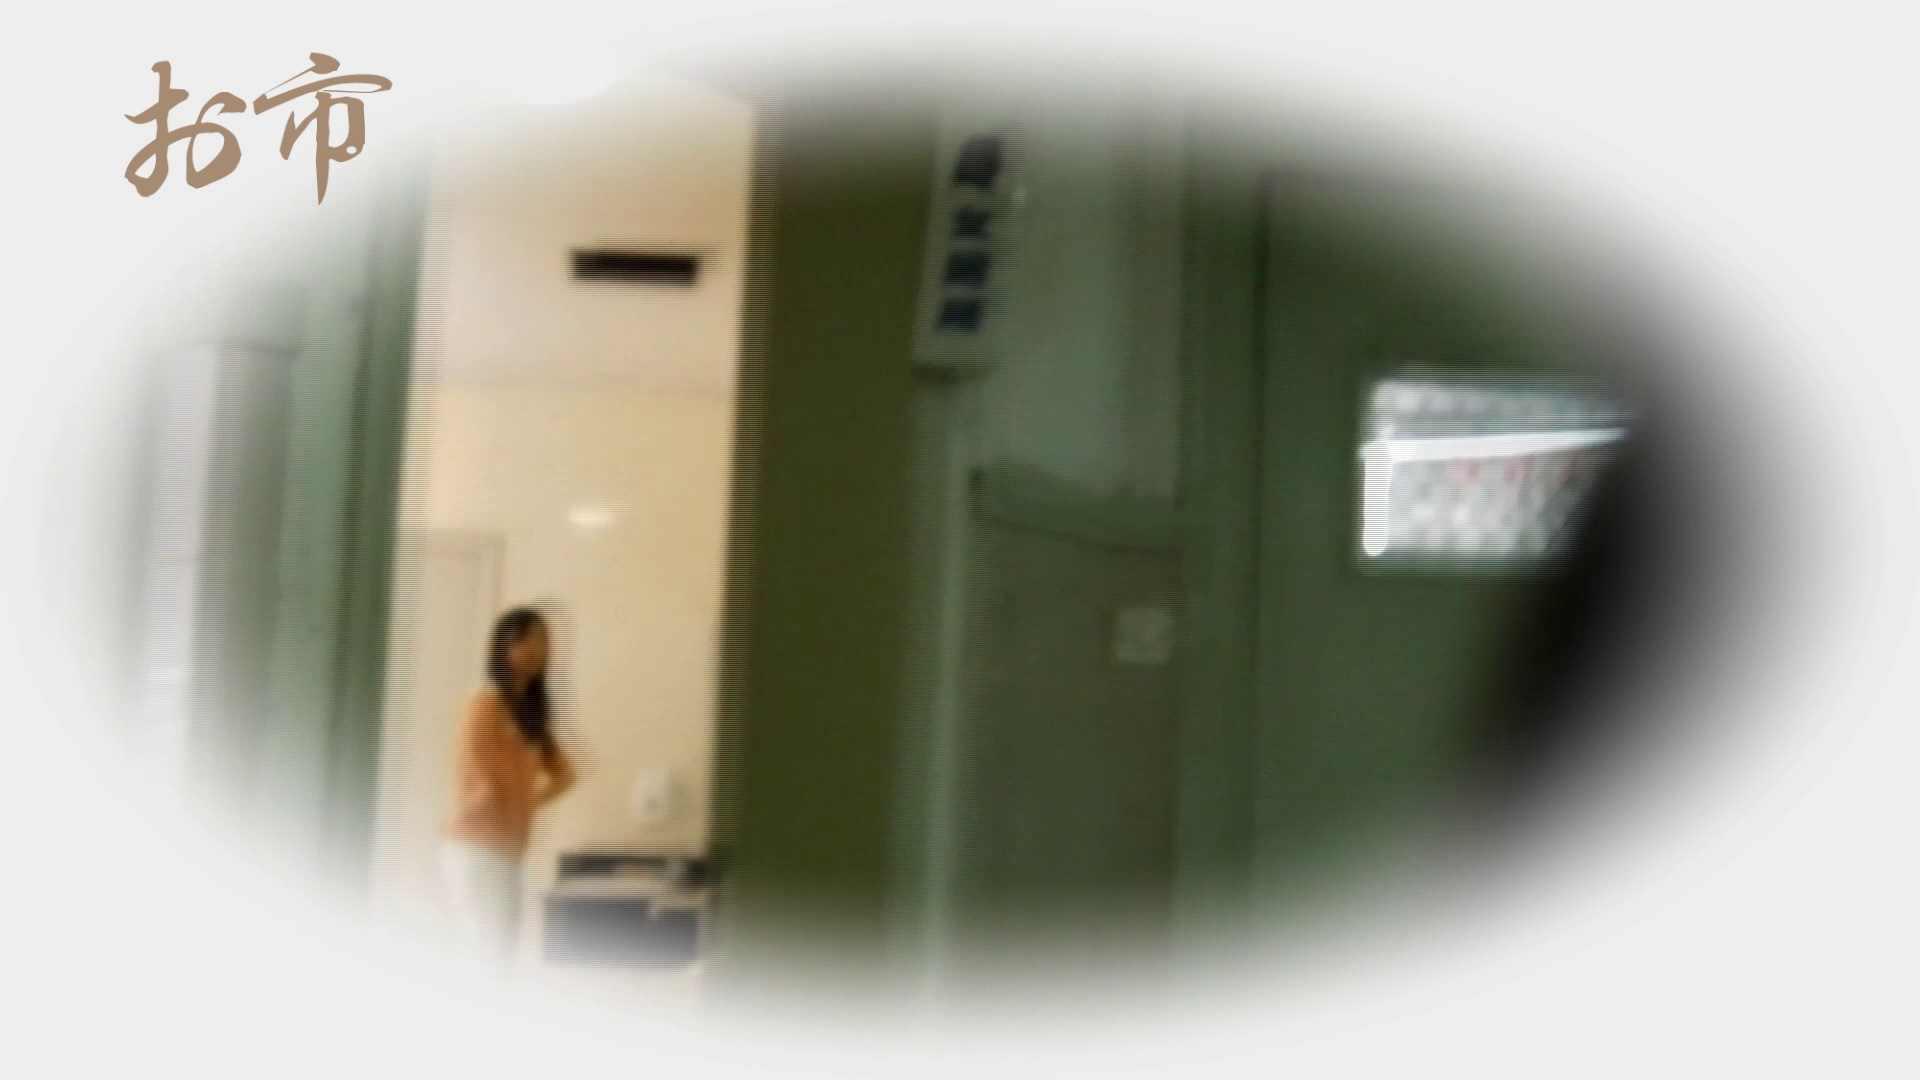 潜入!!台湾名門女学院 Vol.12 長身モデル驚き見たことないシチュエーション 細身 | 潜入  45画像 1